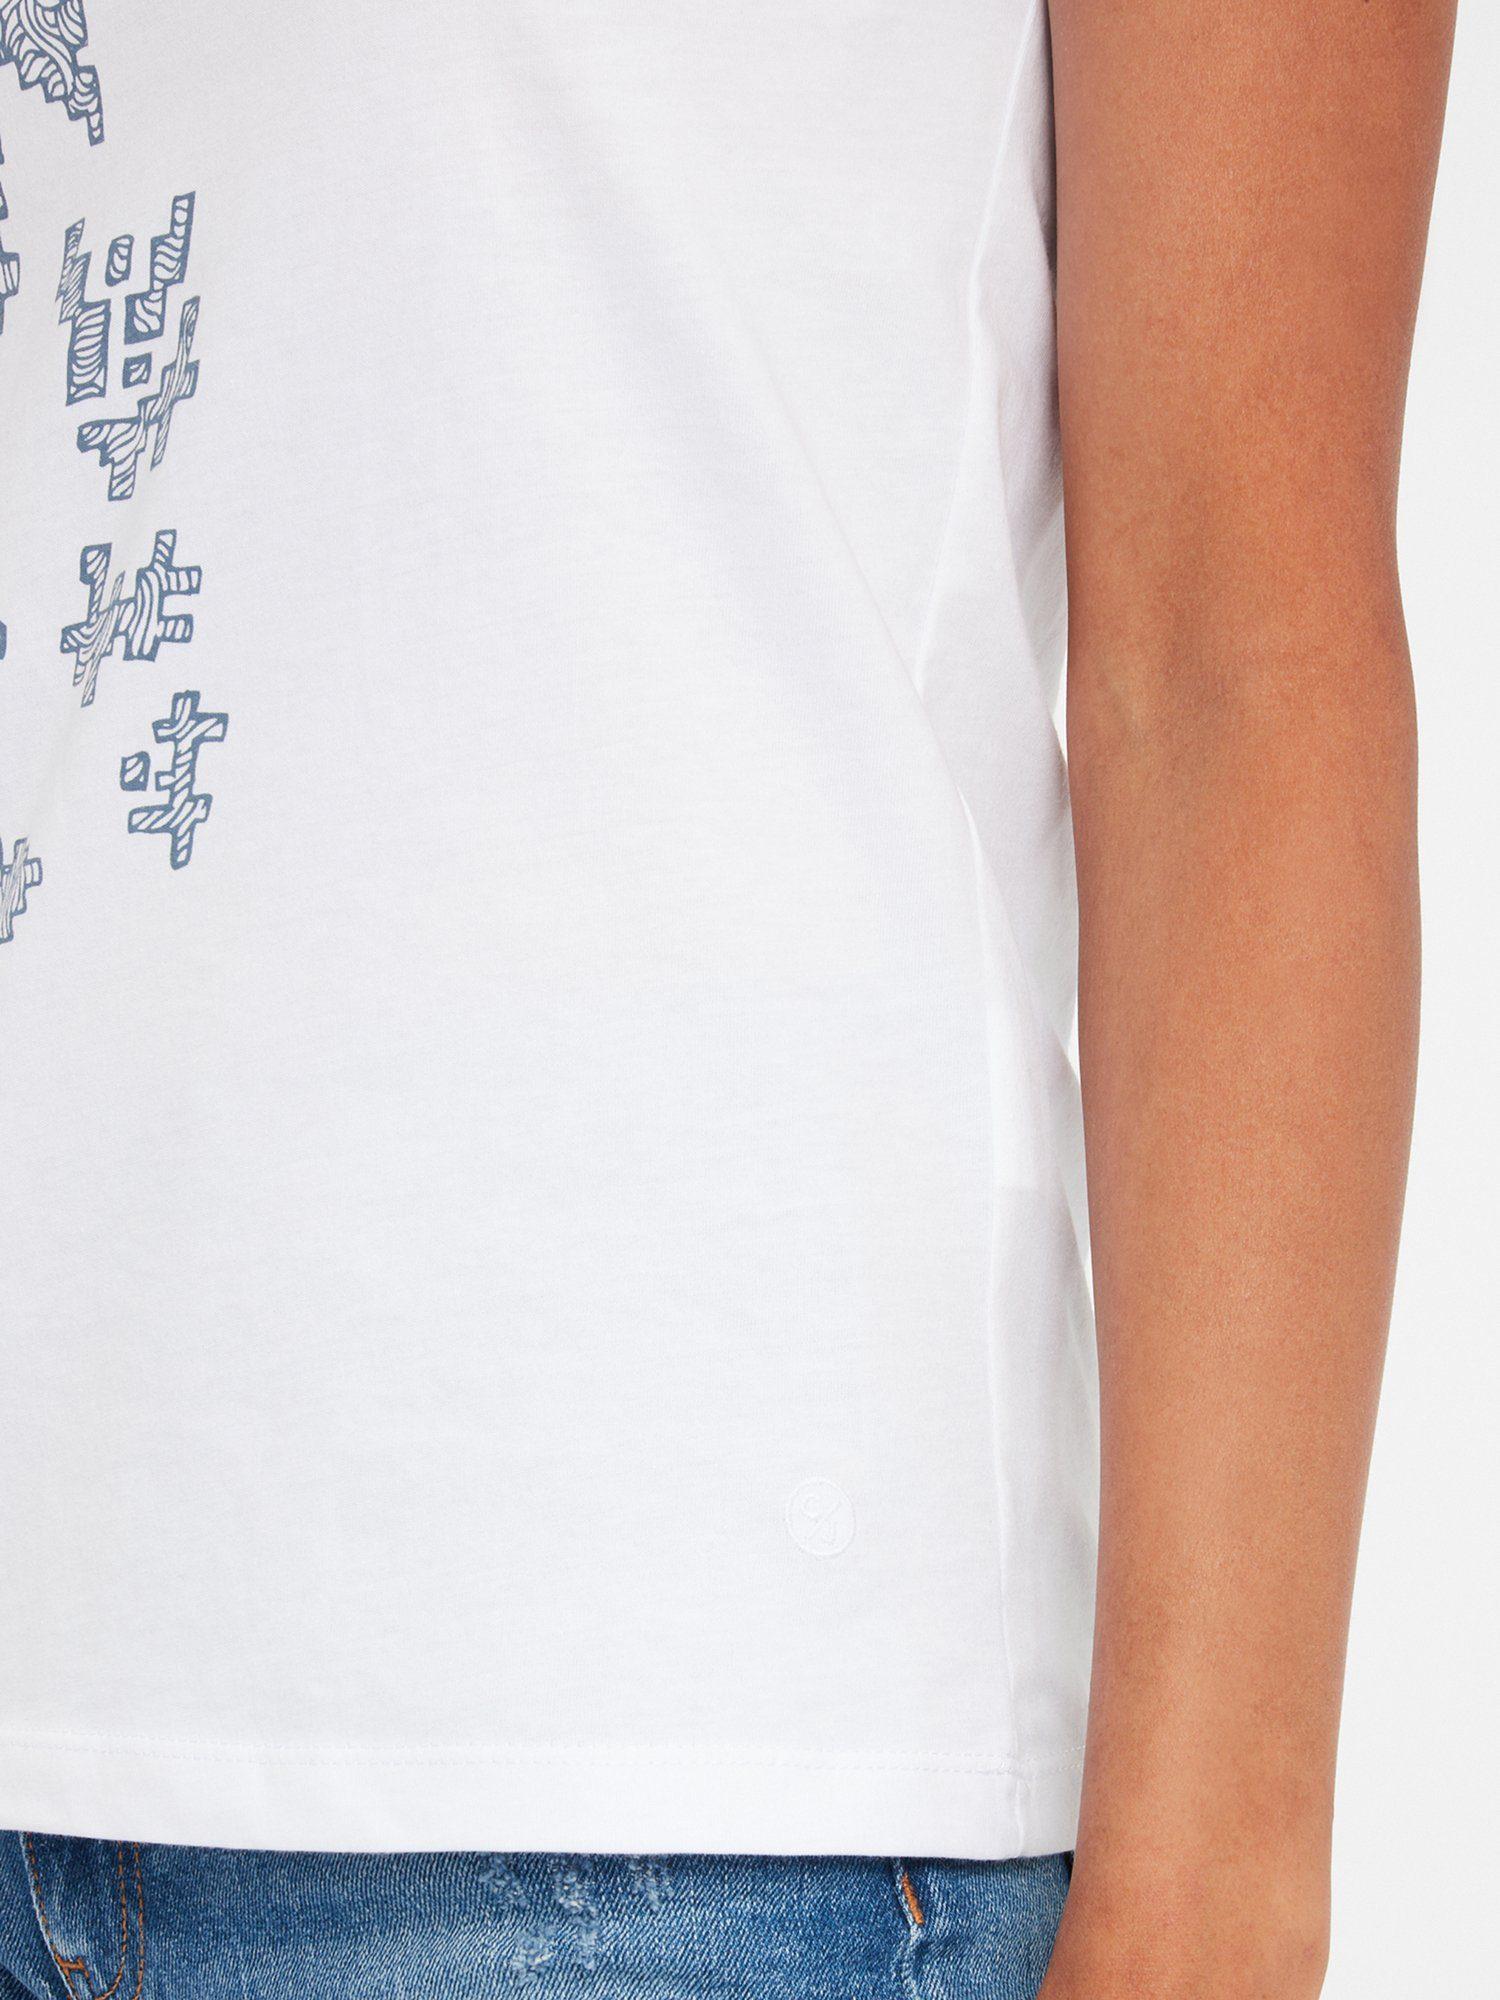 Cross Jeans T-shirt 55691 Nu Online Bestellen - Geweldige Prijs